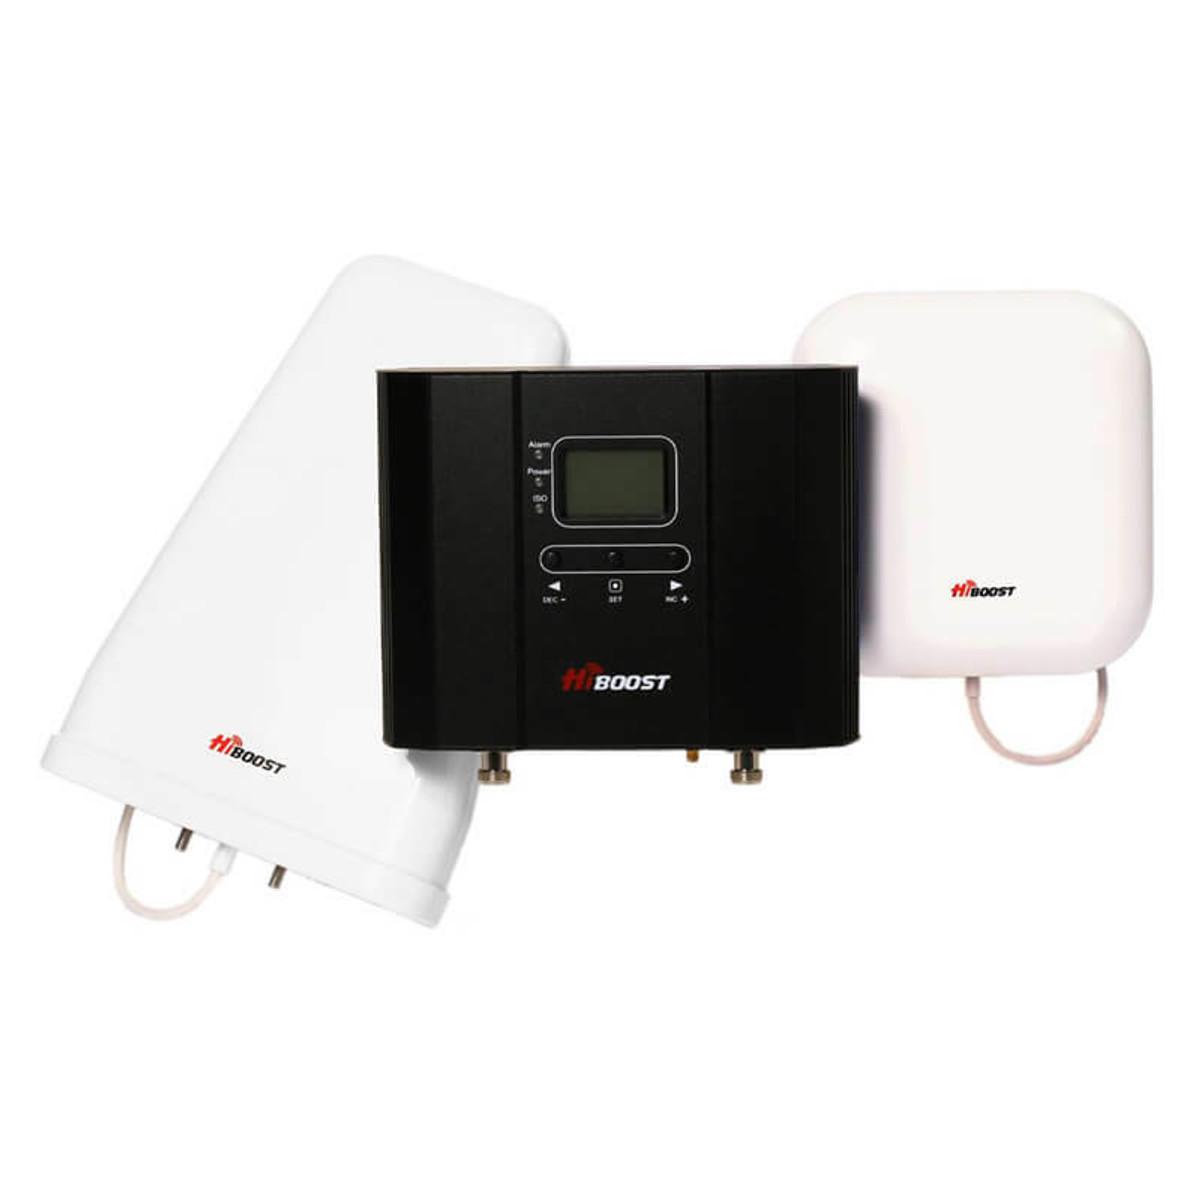 HiBoost HiBoost Home 10K Smart Link Signal Booster Kit, Refurbished